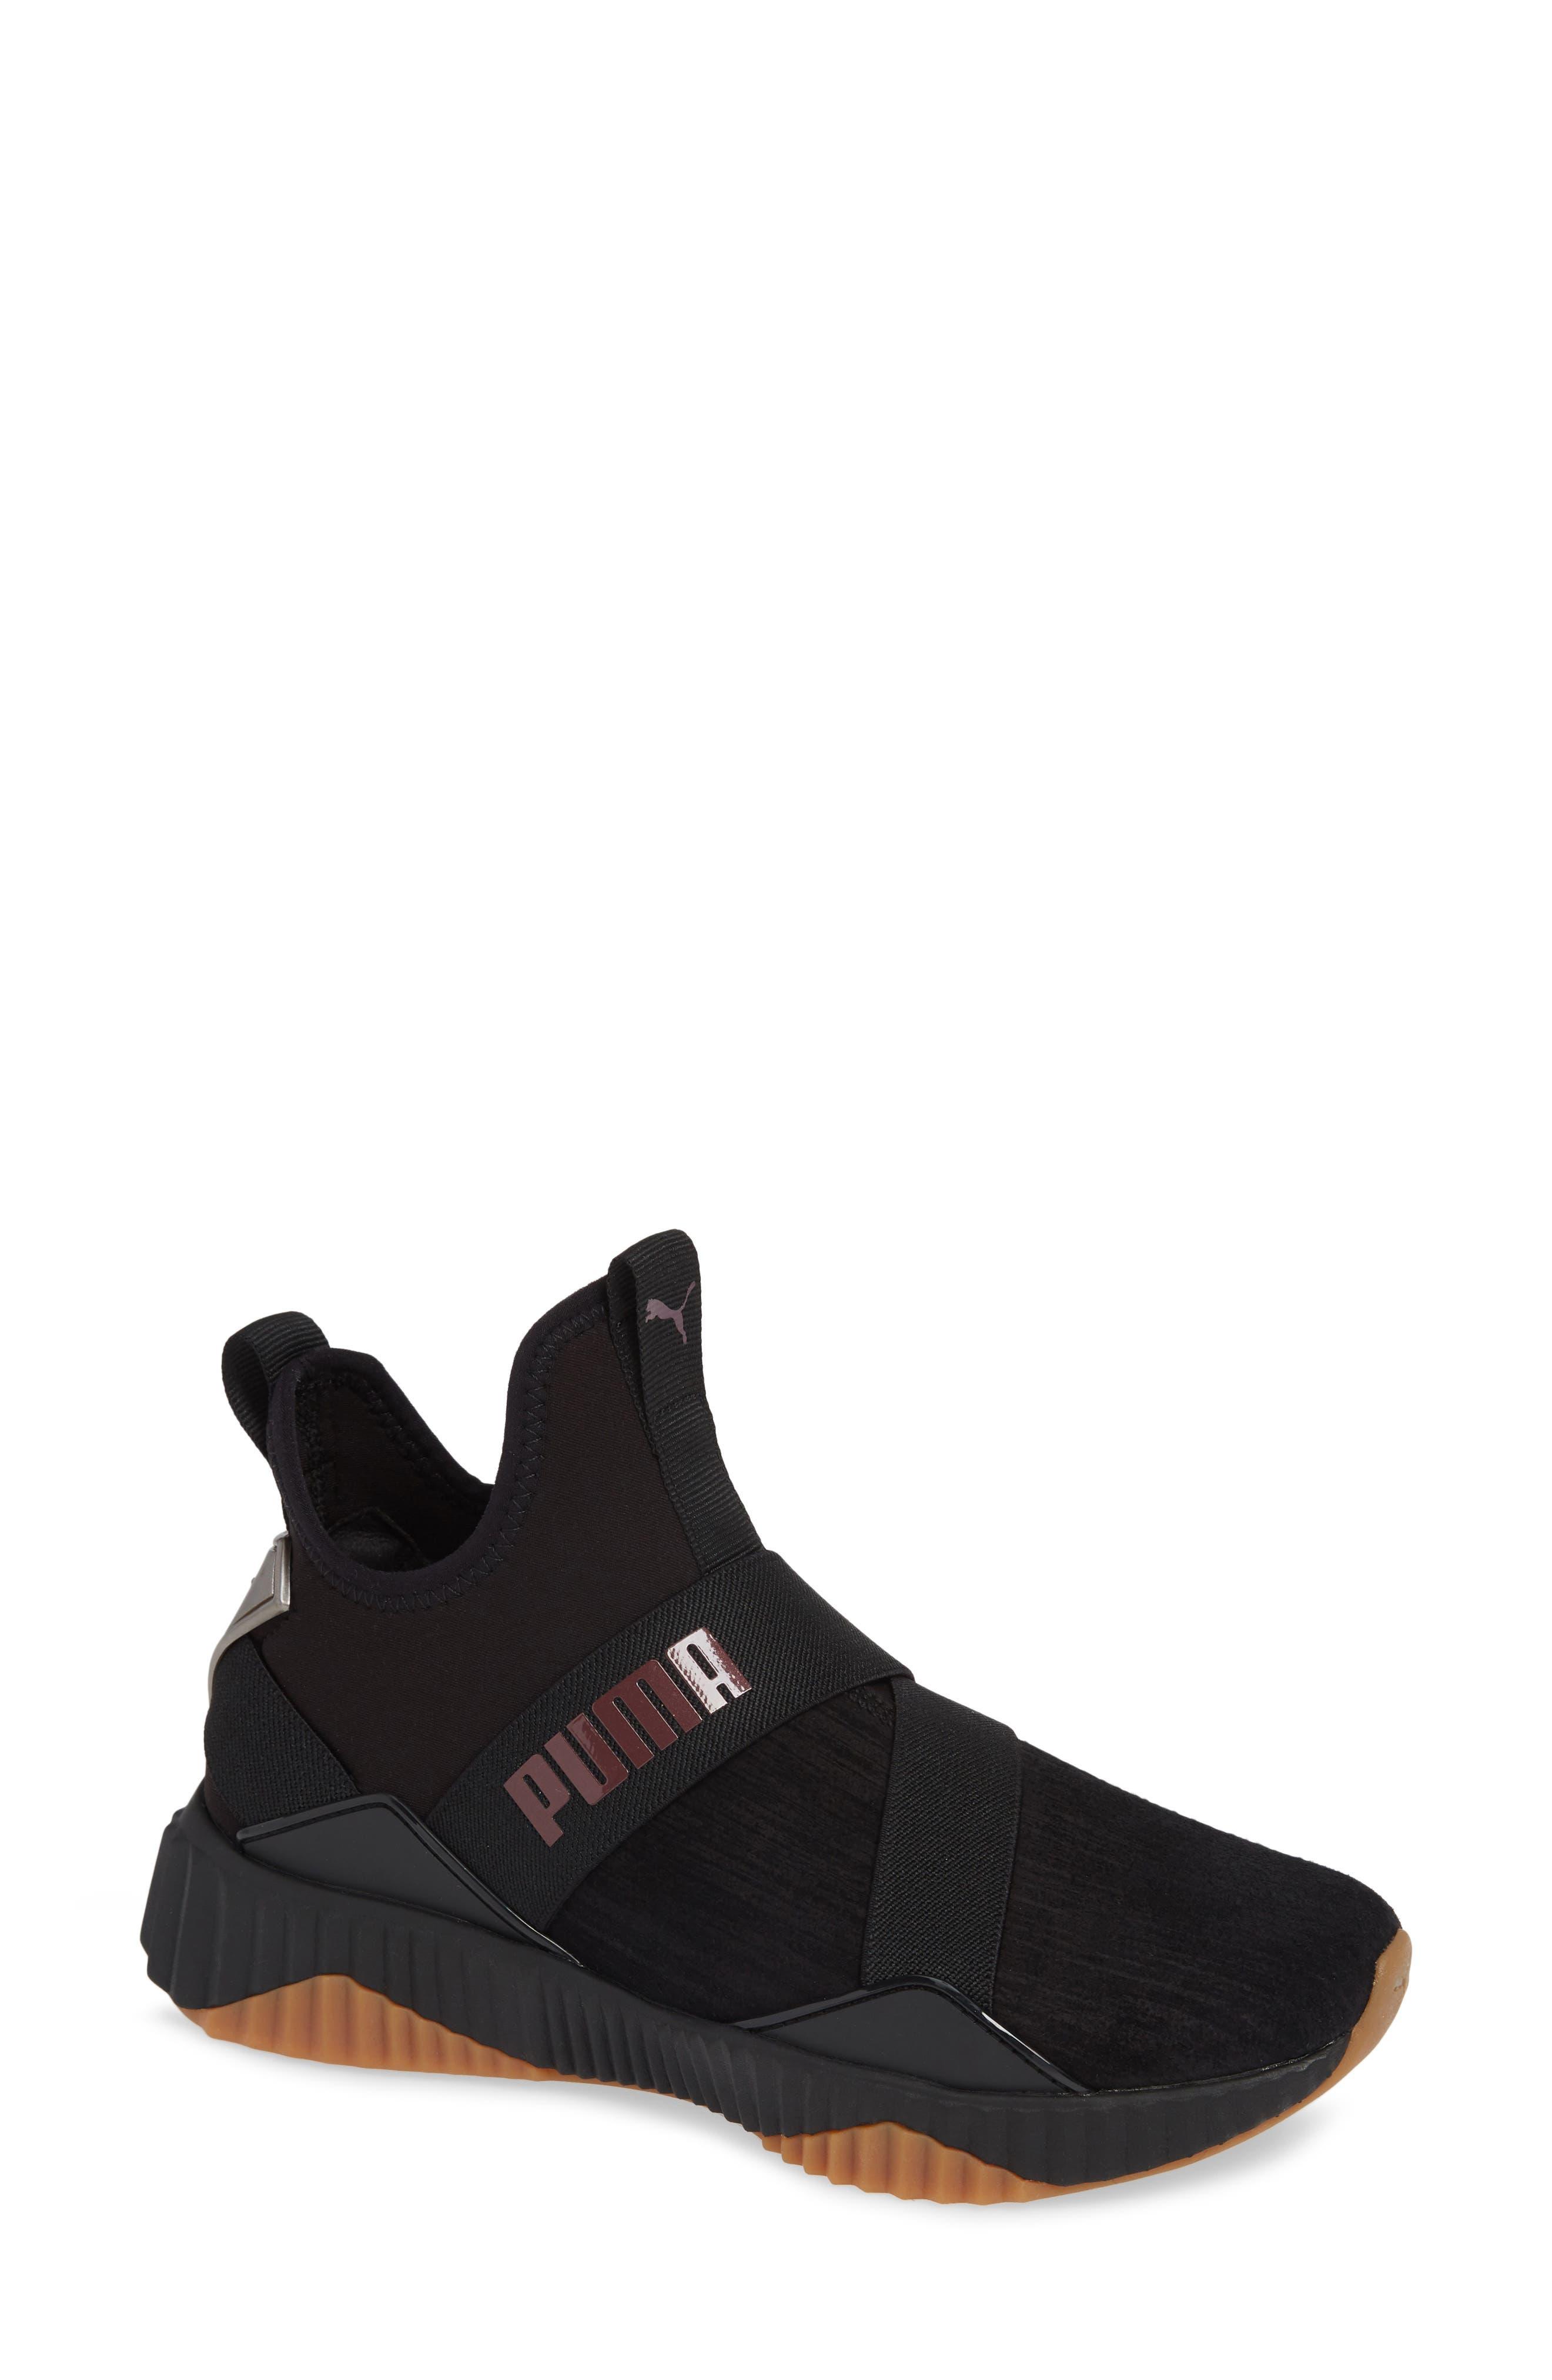 Puma Defy Mid Luxe Sneaker In Black